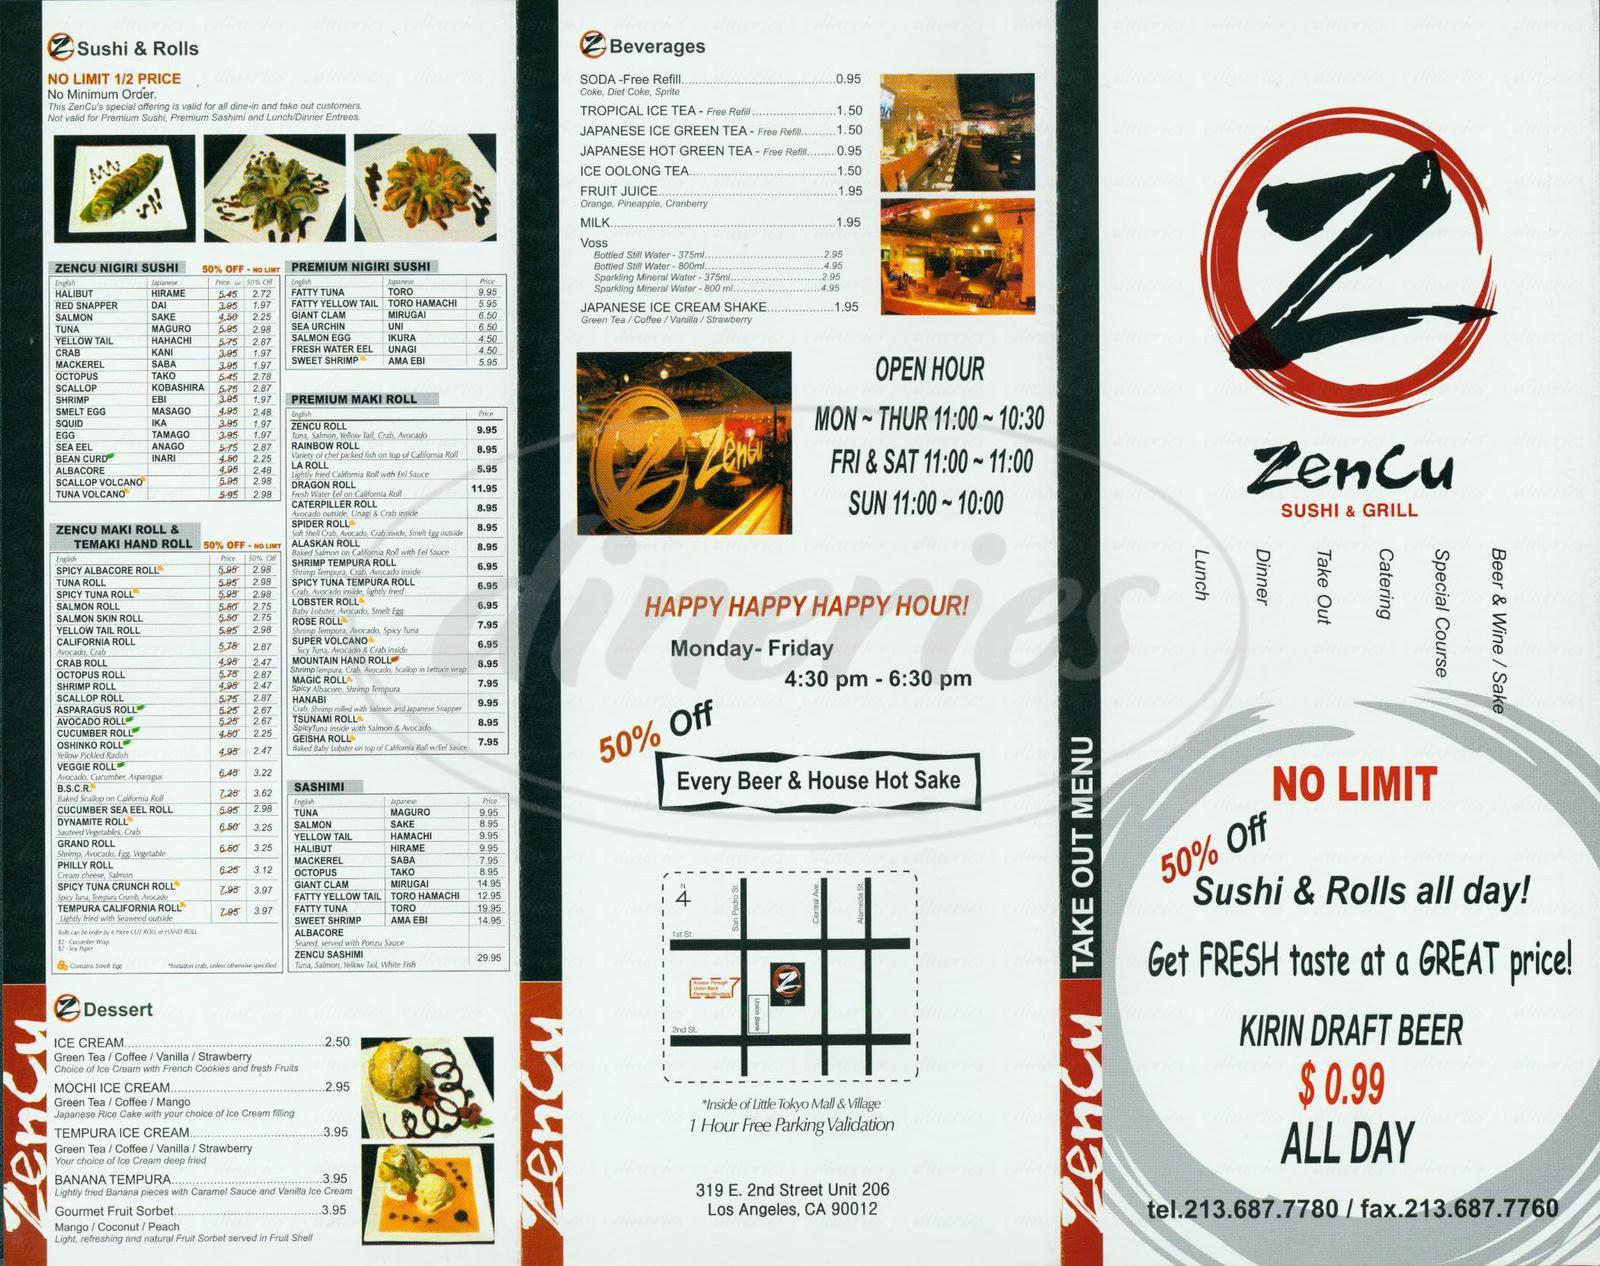 menu for Zencu Sushi & Grill